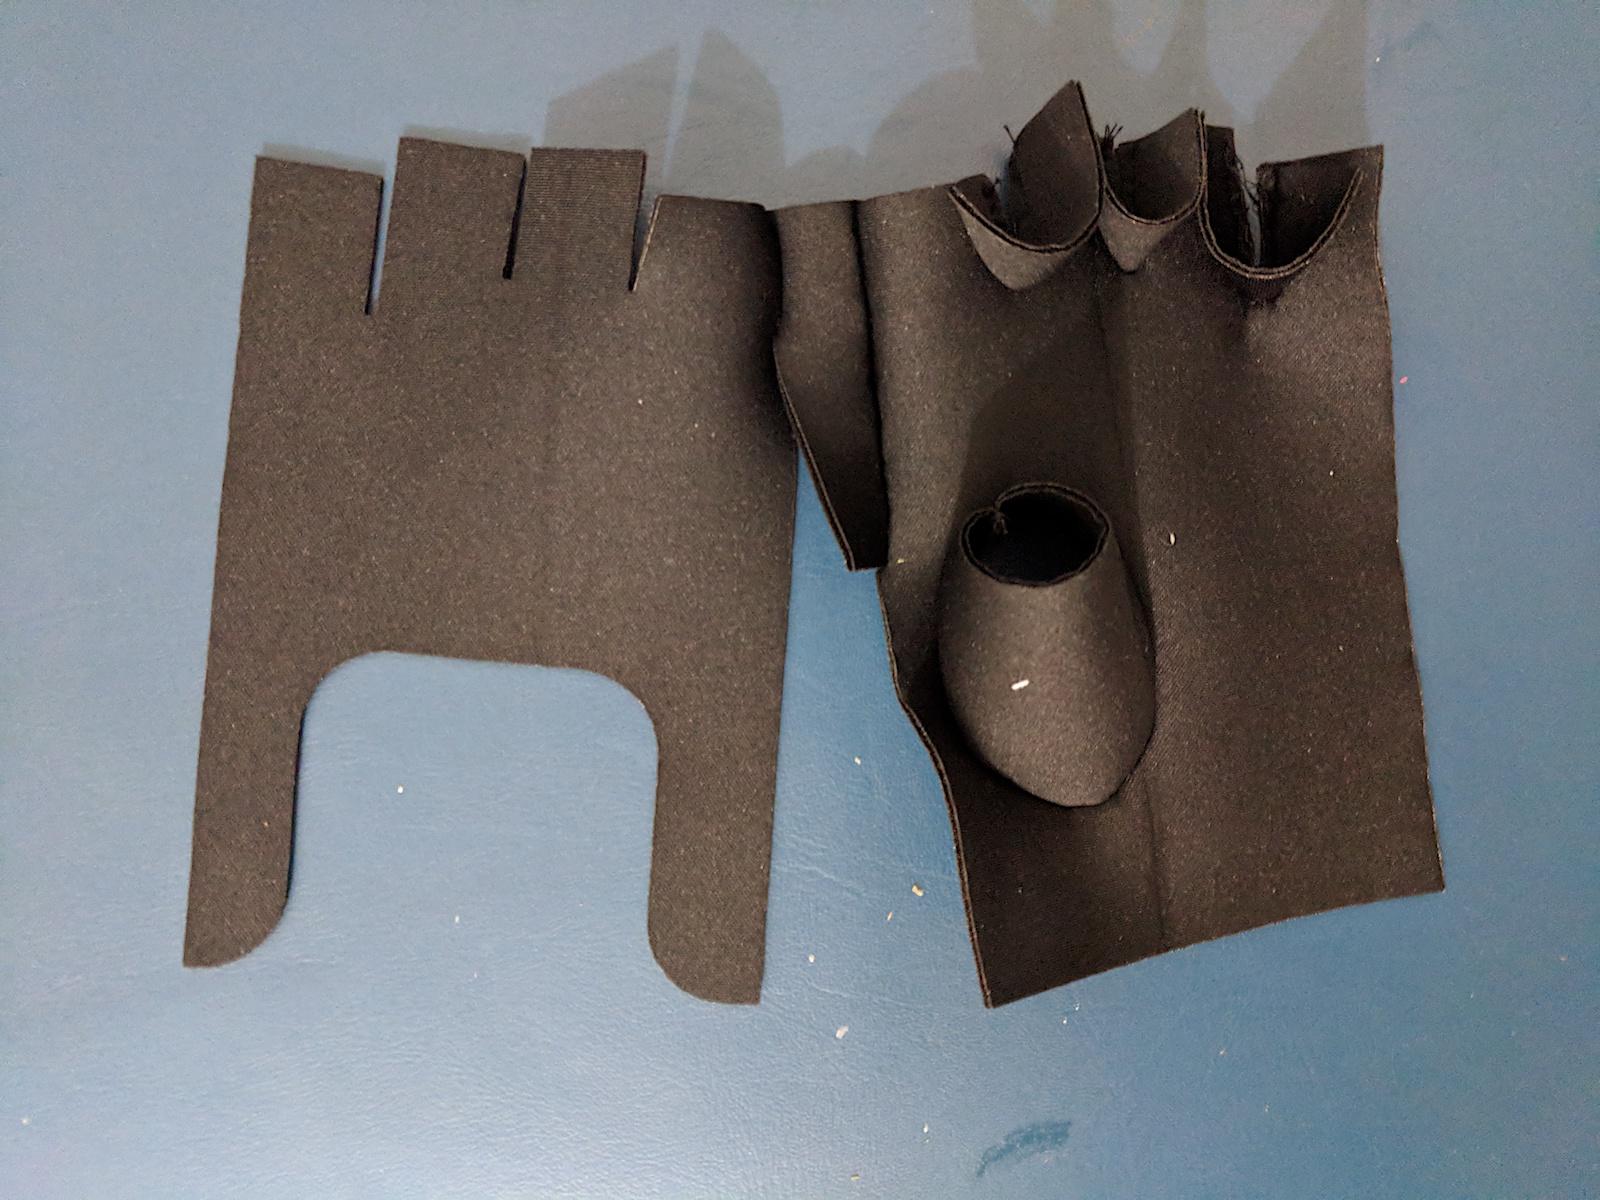 W12_glove 3.jpg